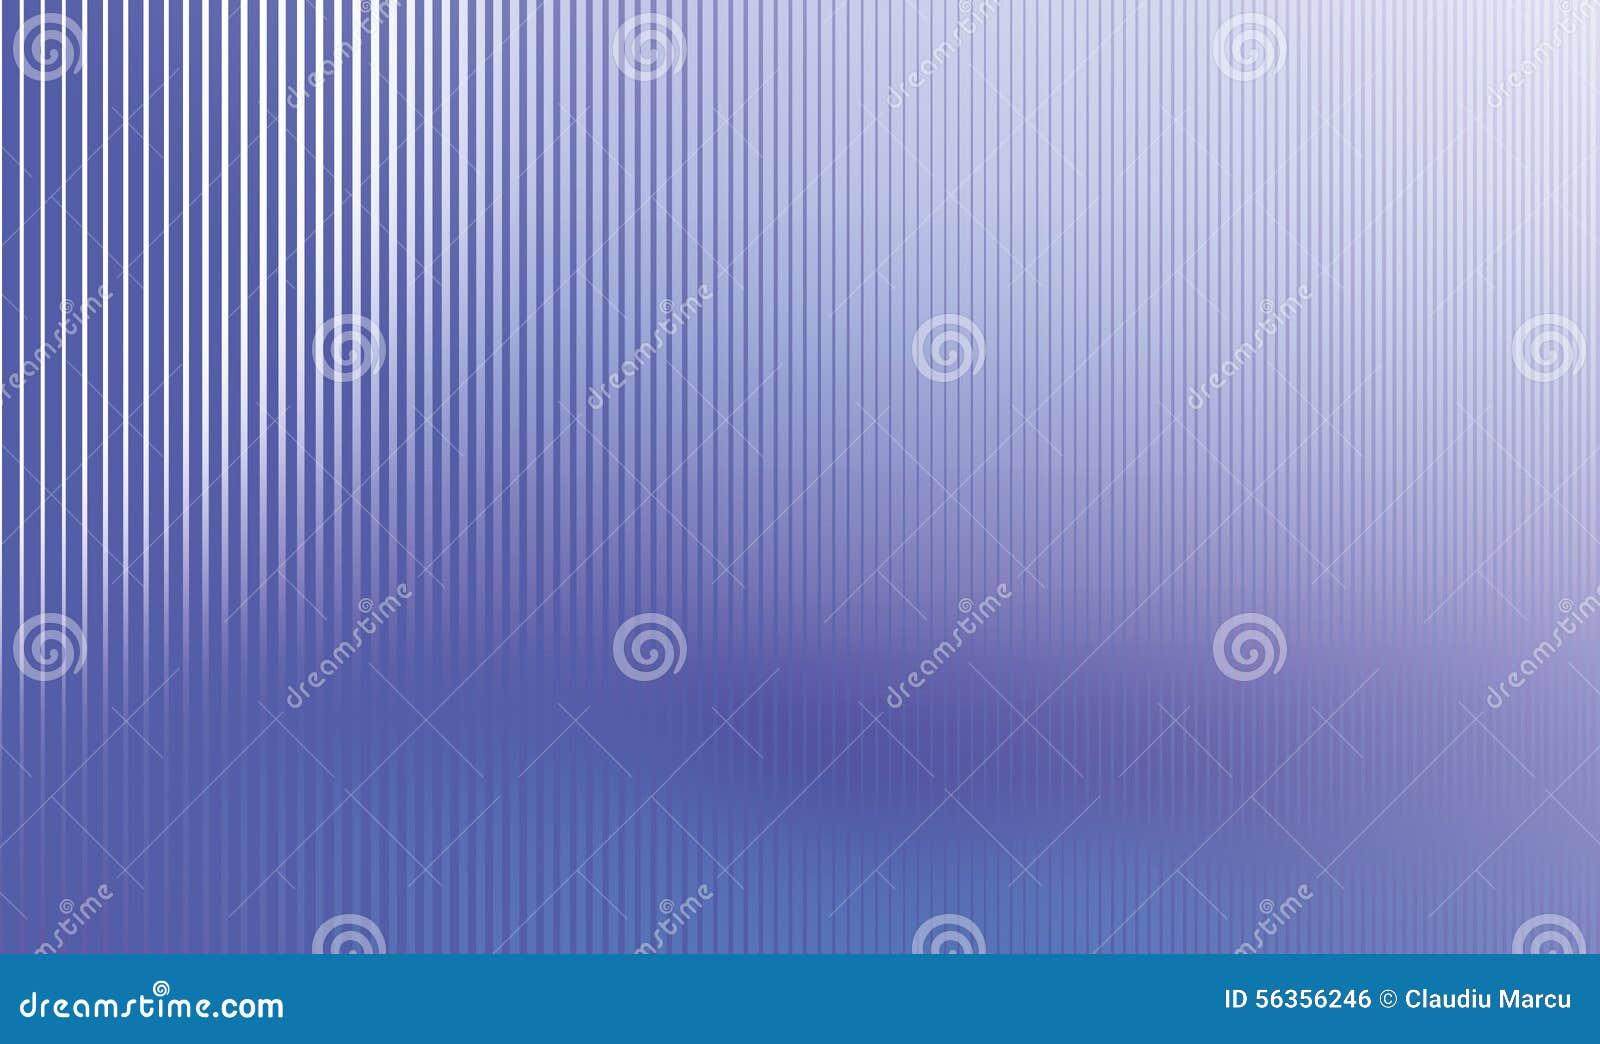 上色与另外种类的改变的紫罗兰色背景布局的条纹